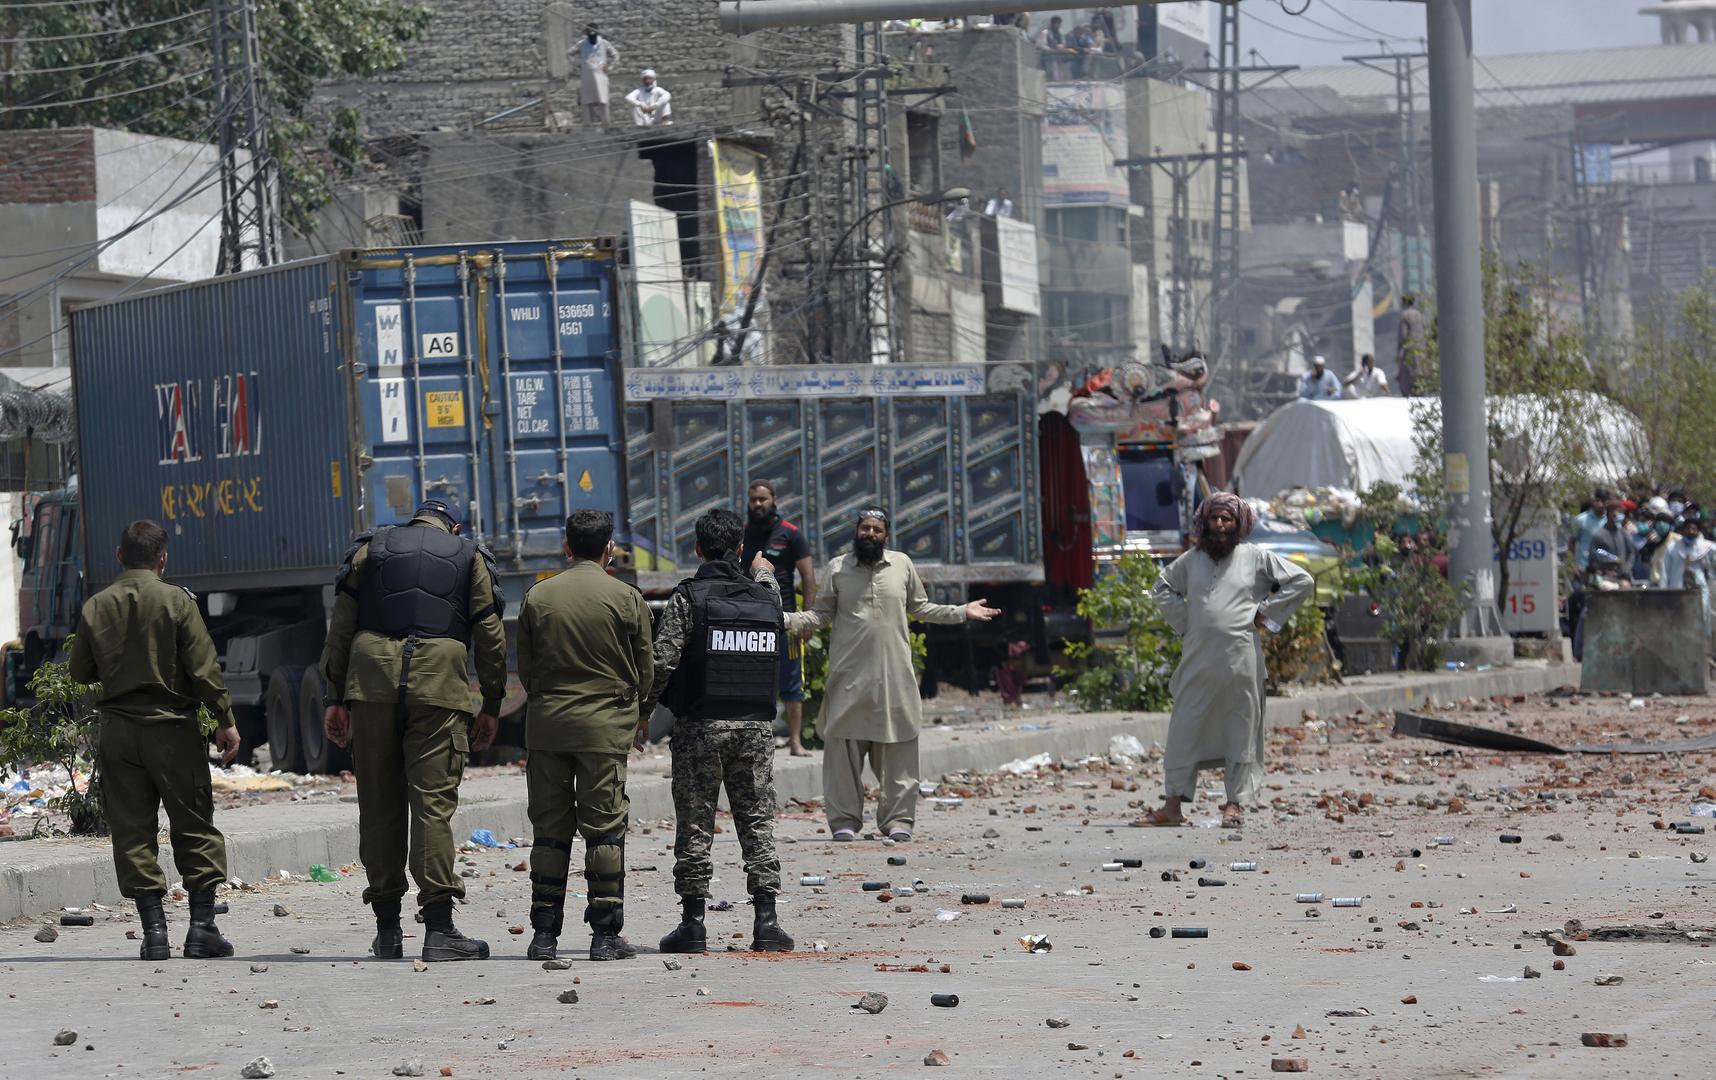 باكستان.. مقتل 3 أشخاص وإصابة 20 آخرين في حملة للشرطة على أنصار حزب متشدد